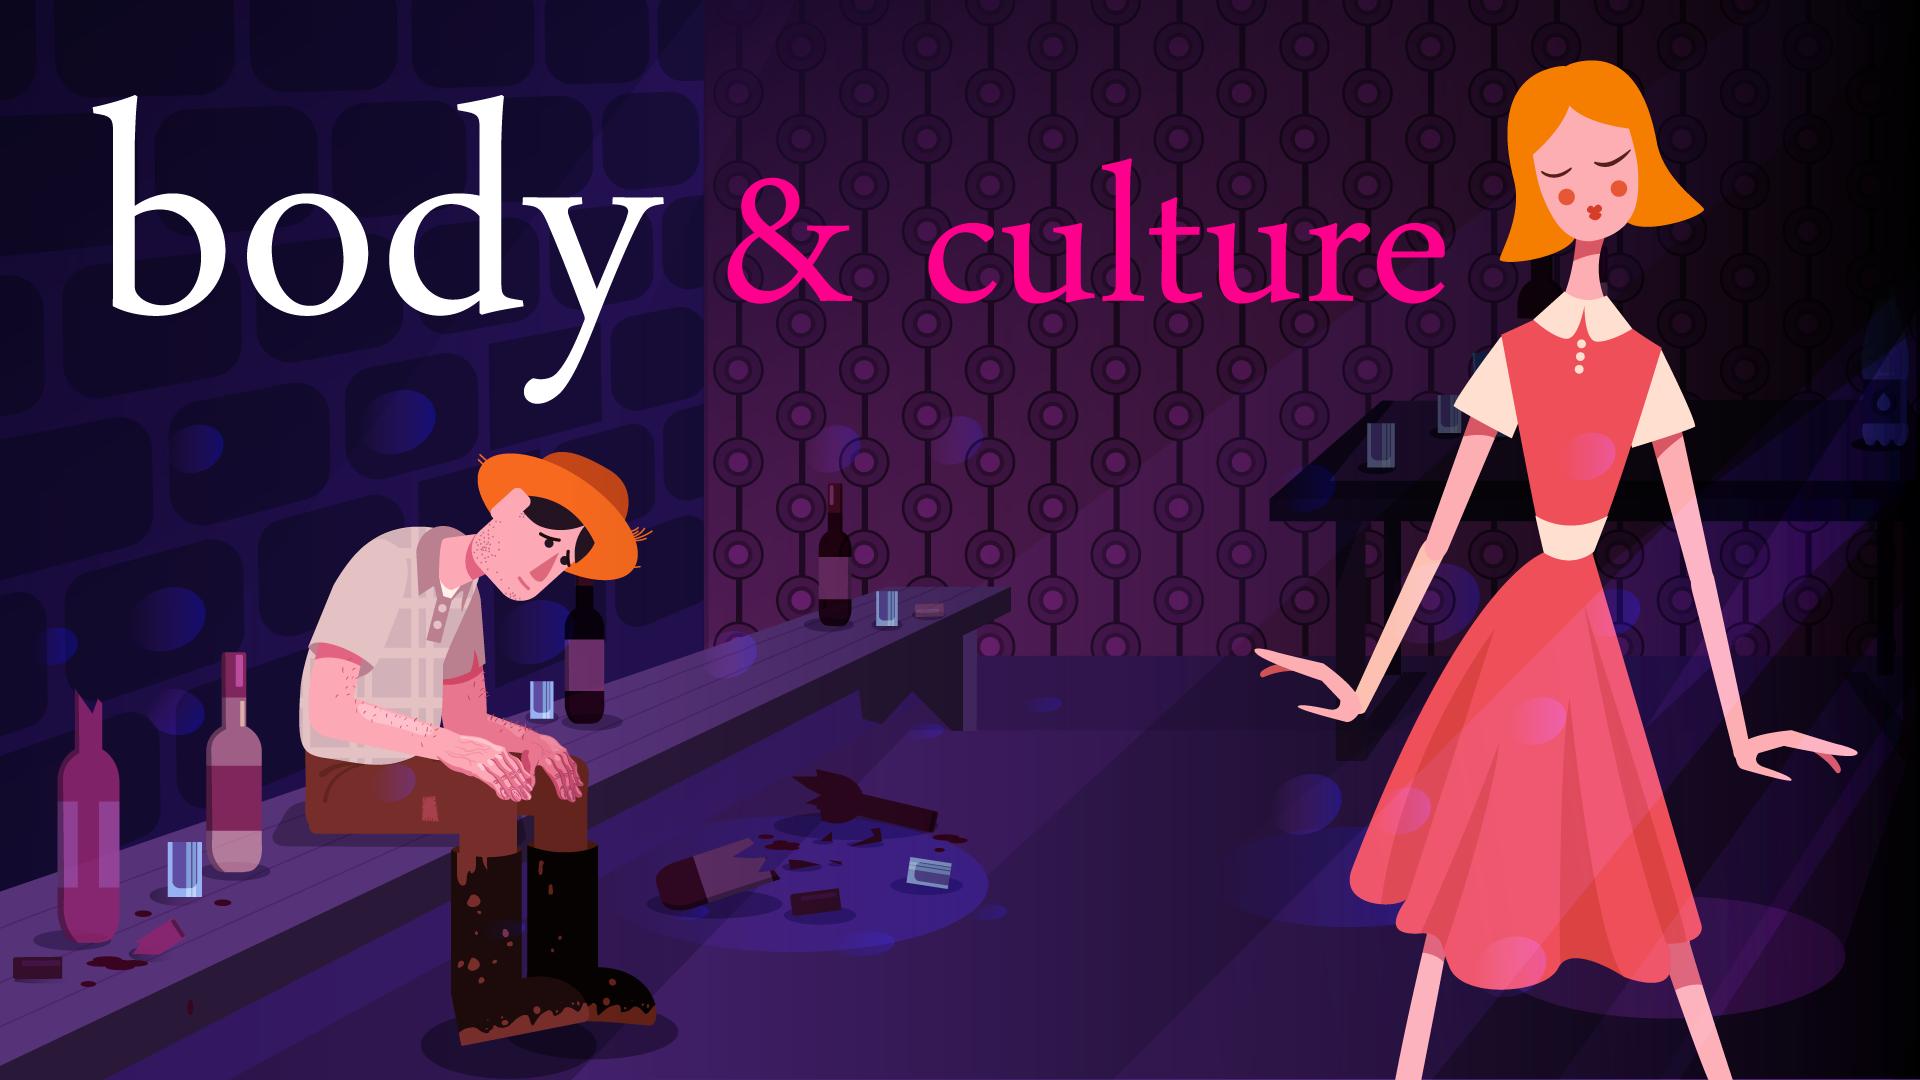 body & culture